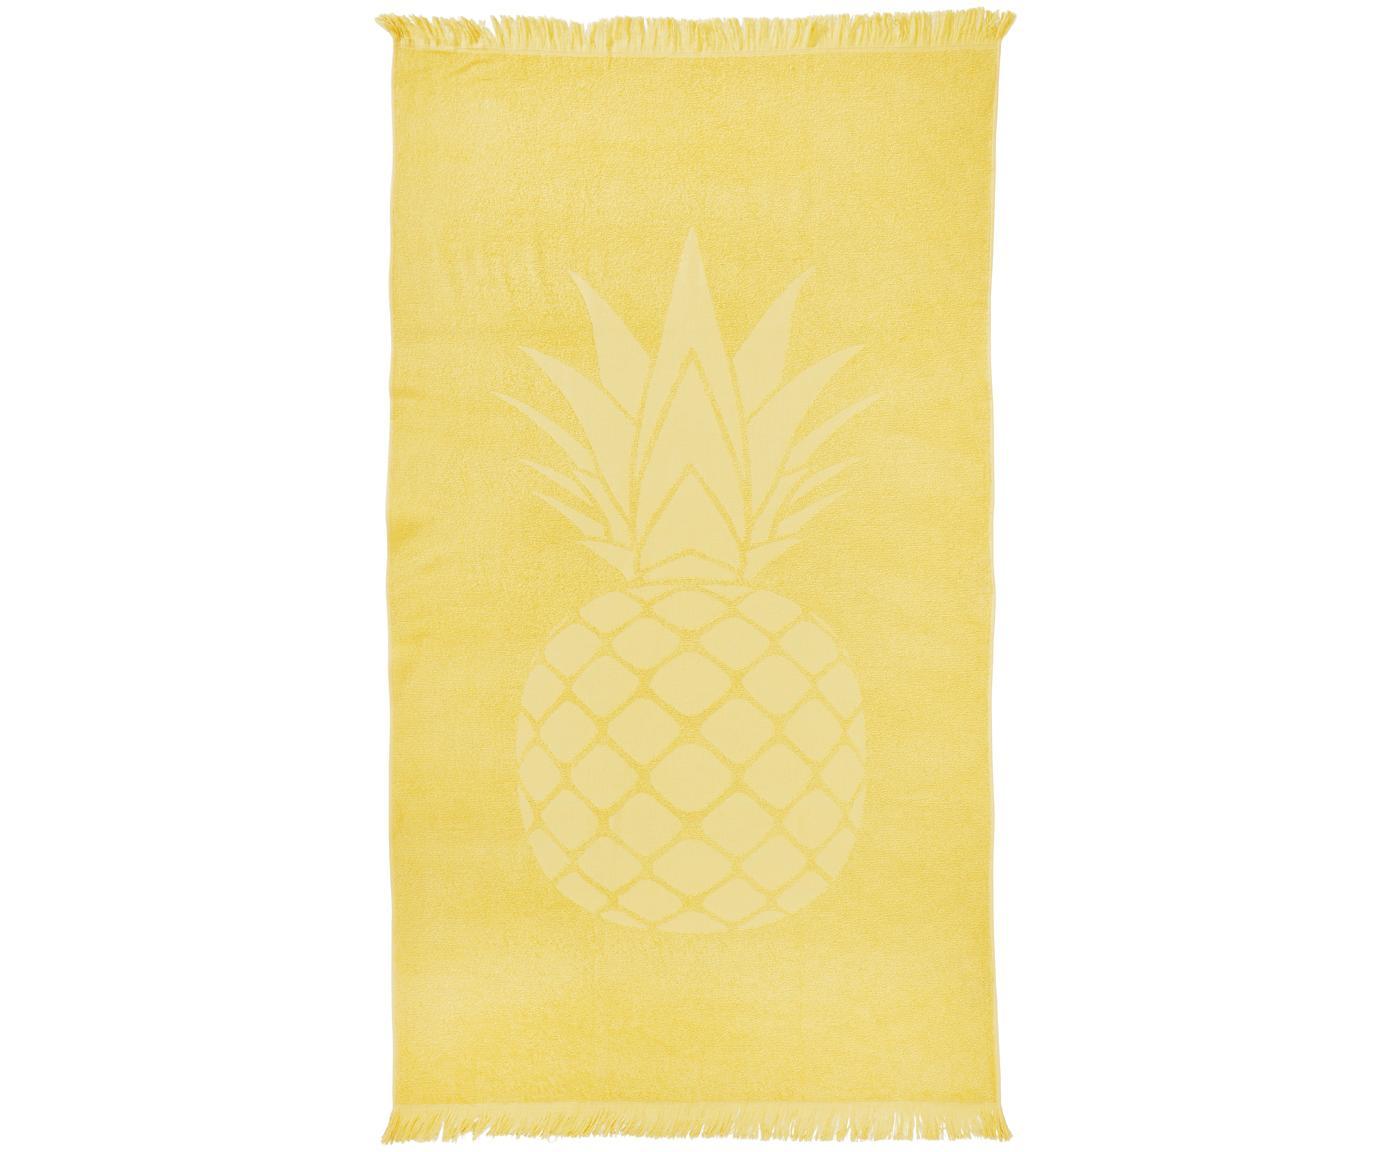 Telo mare in cotone Capri Pineapple, Giallo, Larg. 90 x Lung. 160 cm